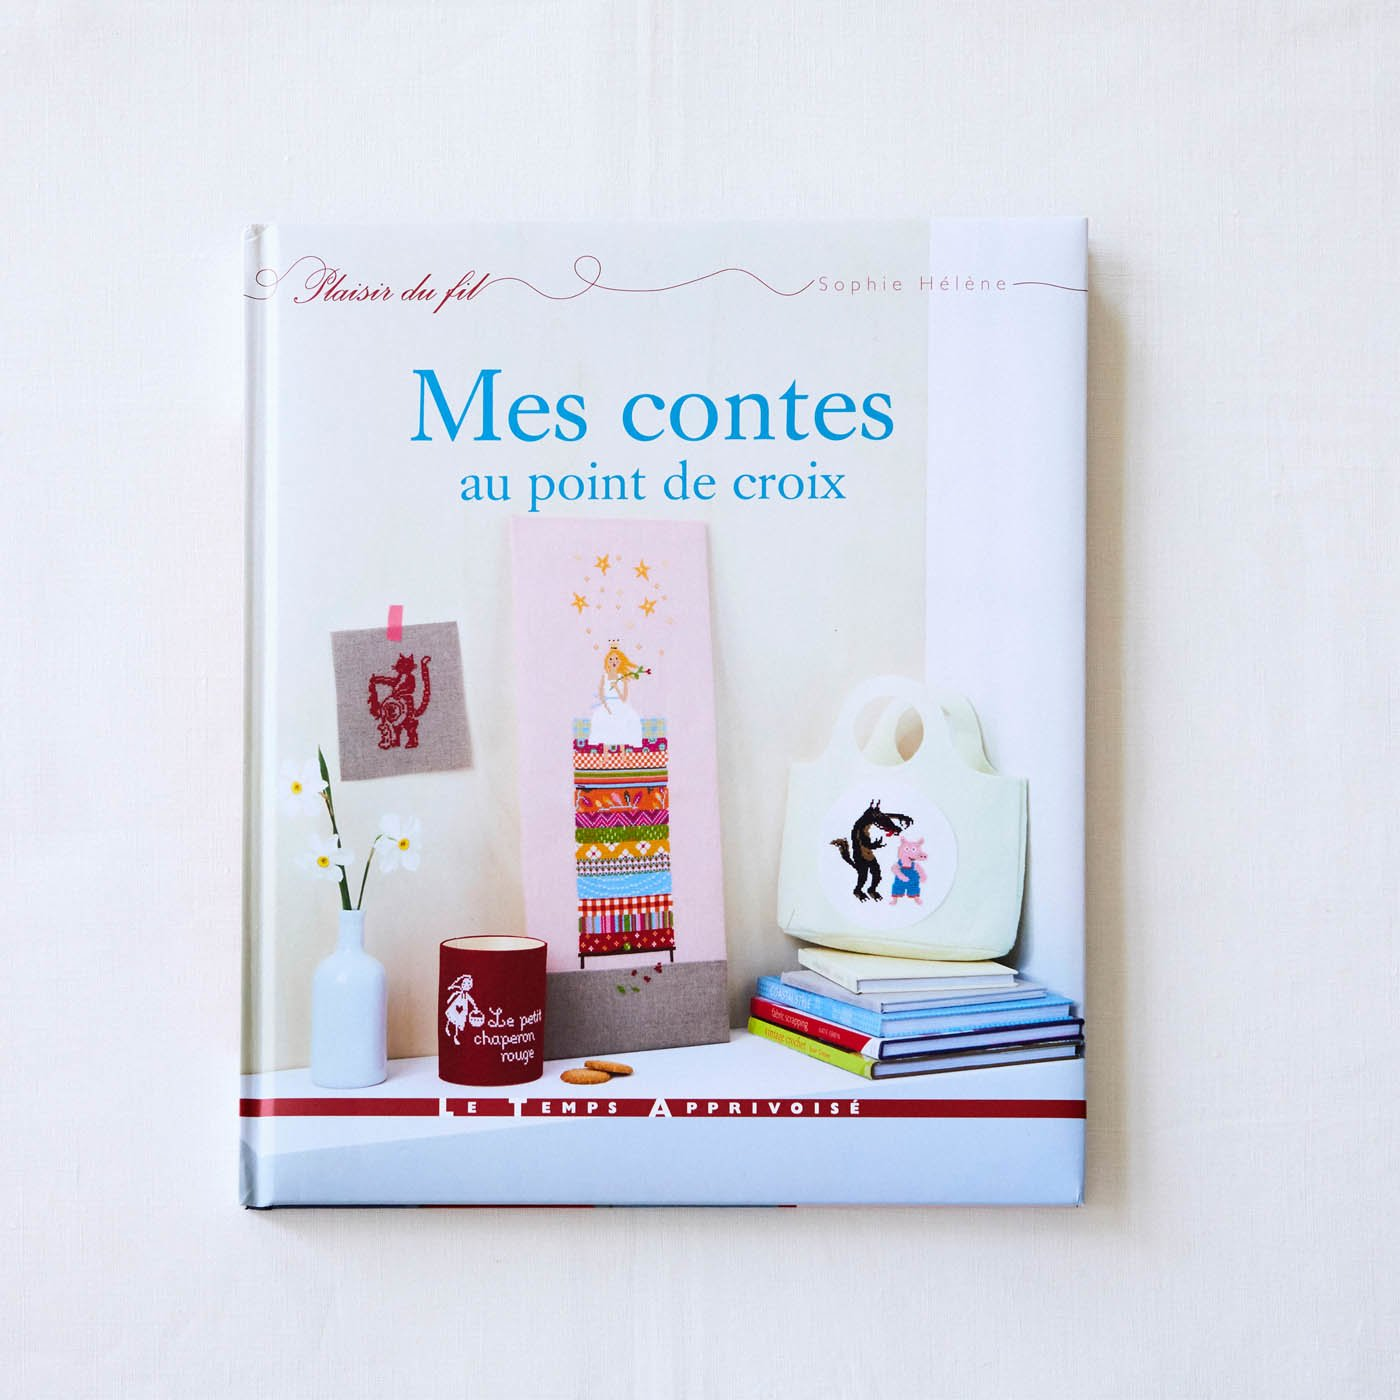 クロスステッチ図案集 『Mes contes』 ~私の物語~